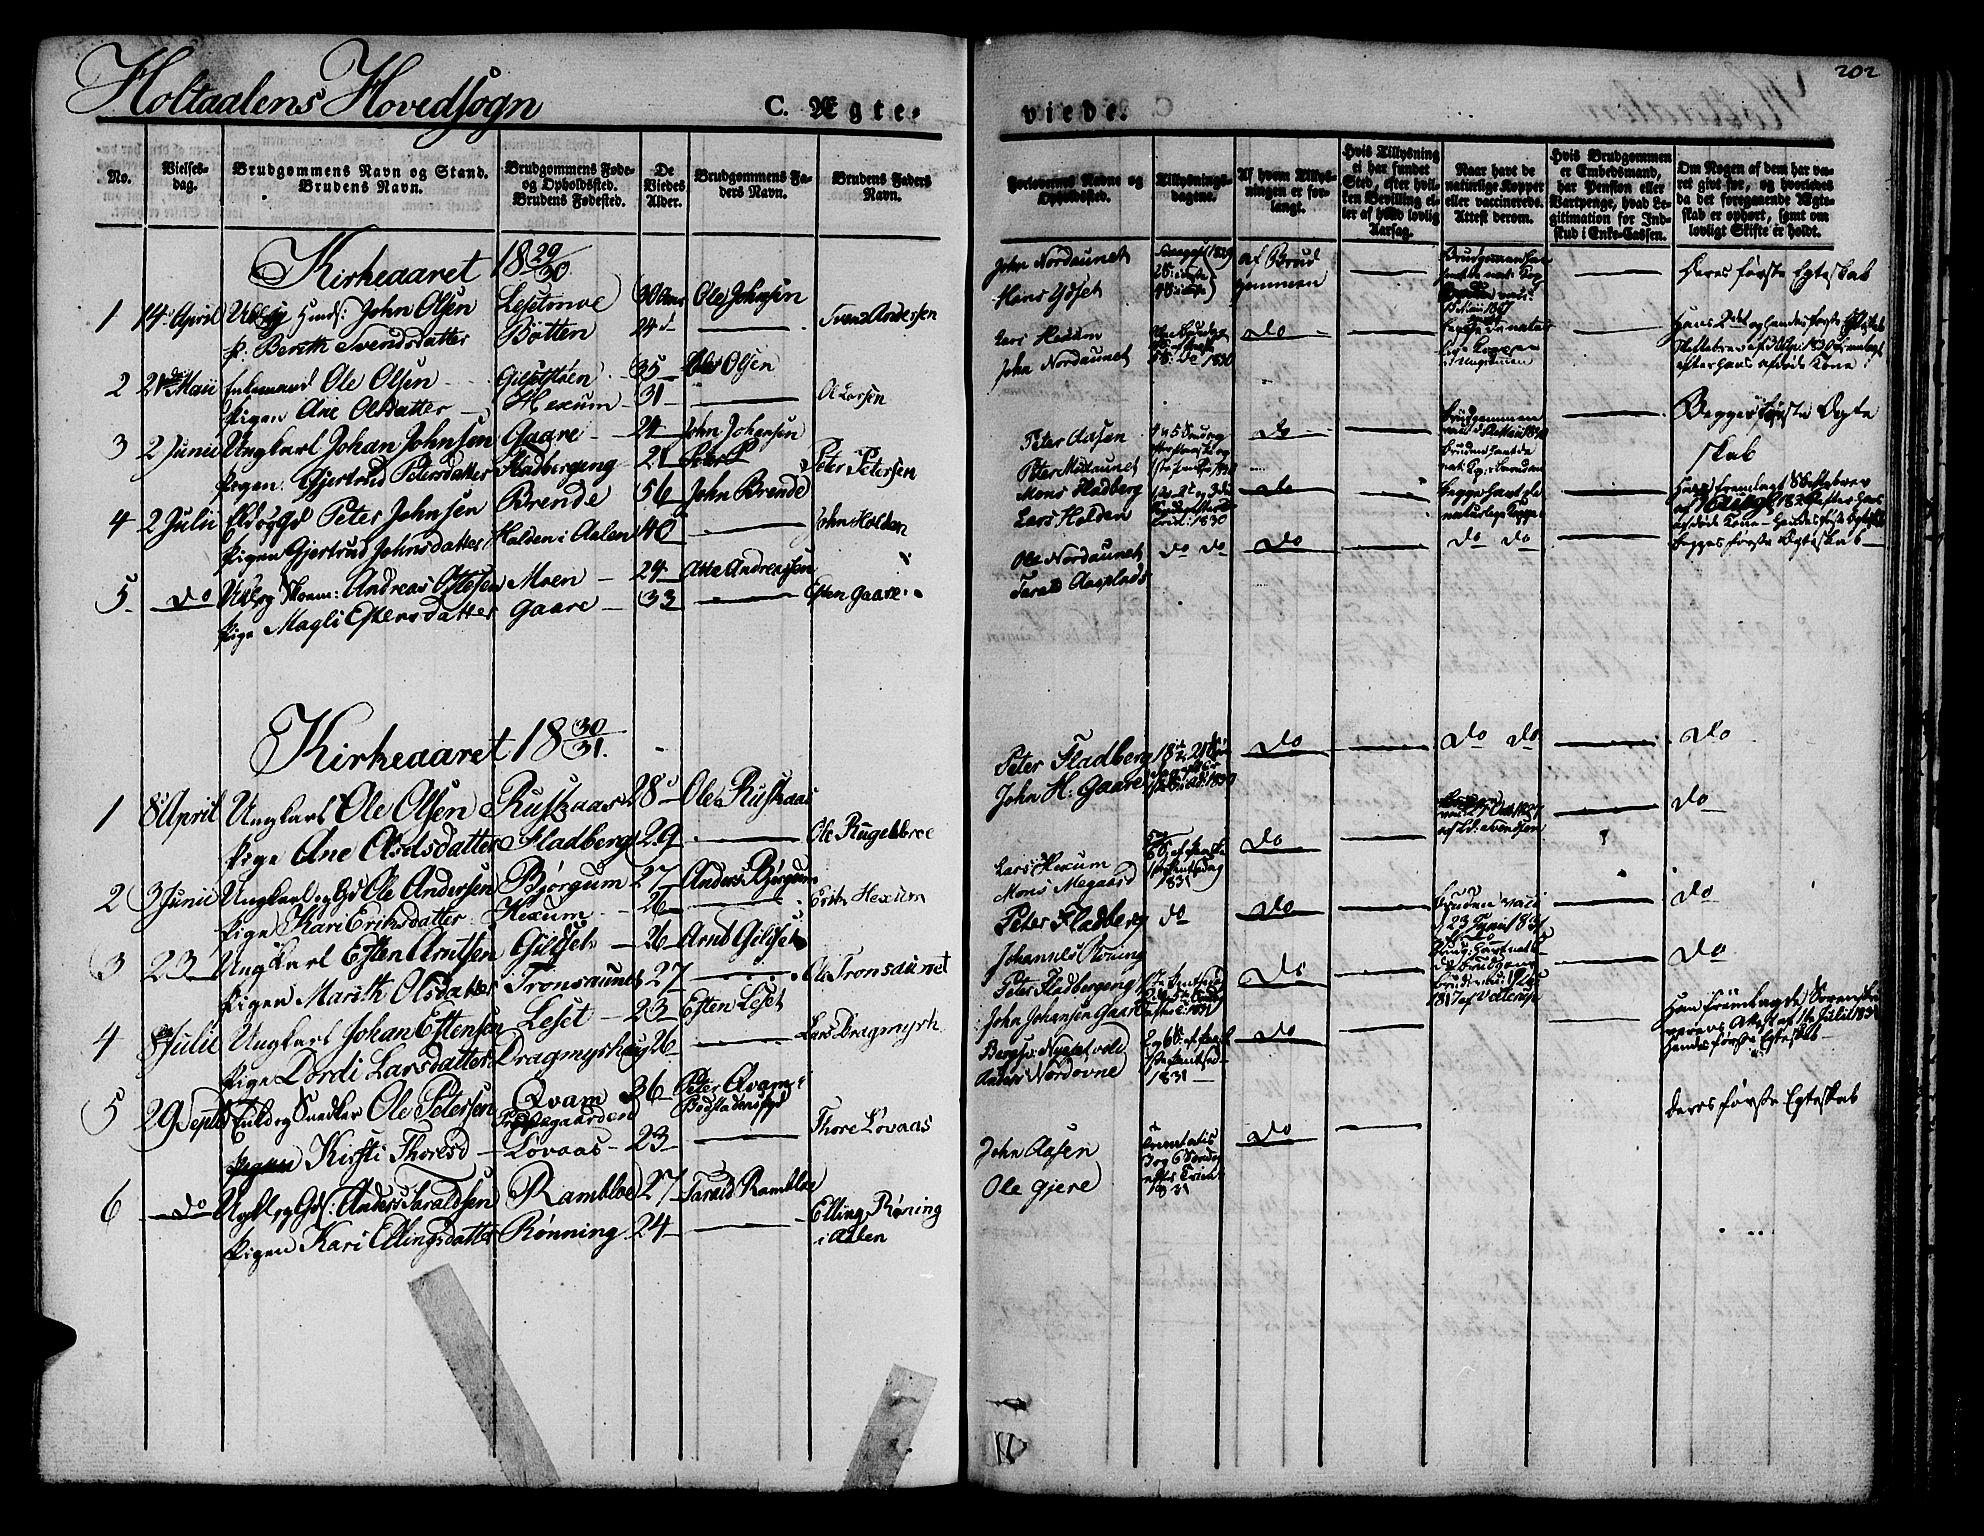 SAT, Ministerialprotokoller, klokkerbøker og fødselsregistre - Sør-Trøndelag, 685/L0957: Ministerialbok nr. 685A04 /1, 1829-1845, s. 202